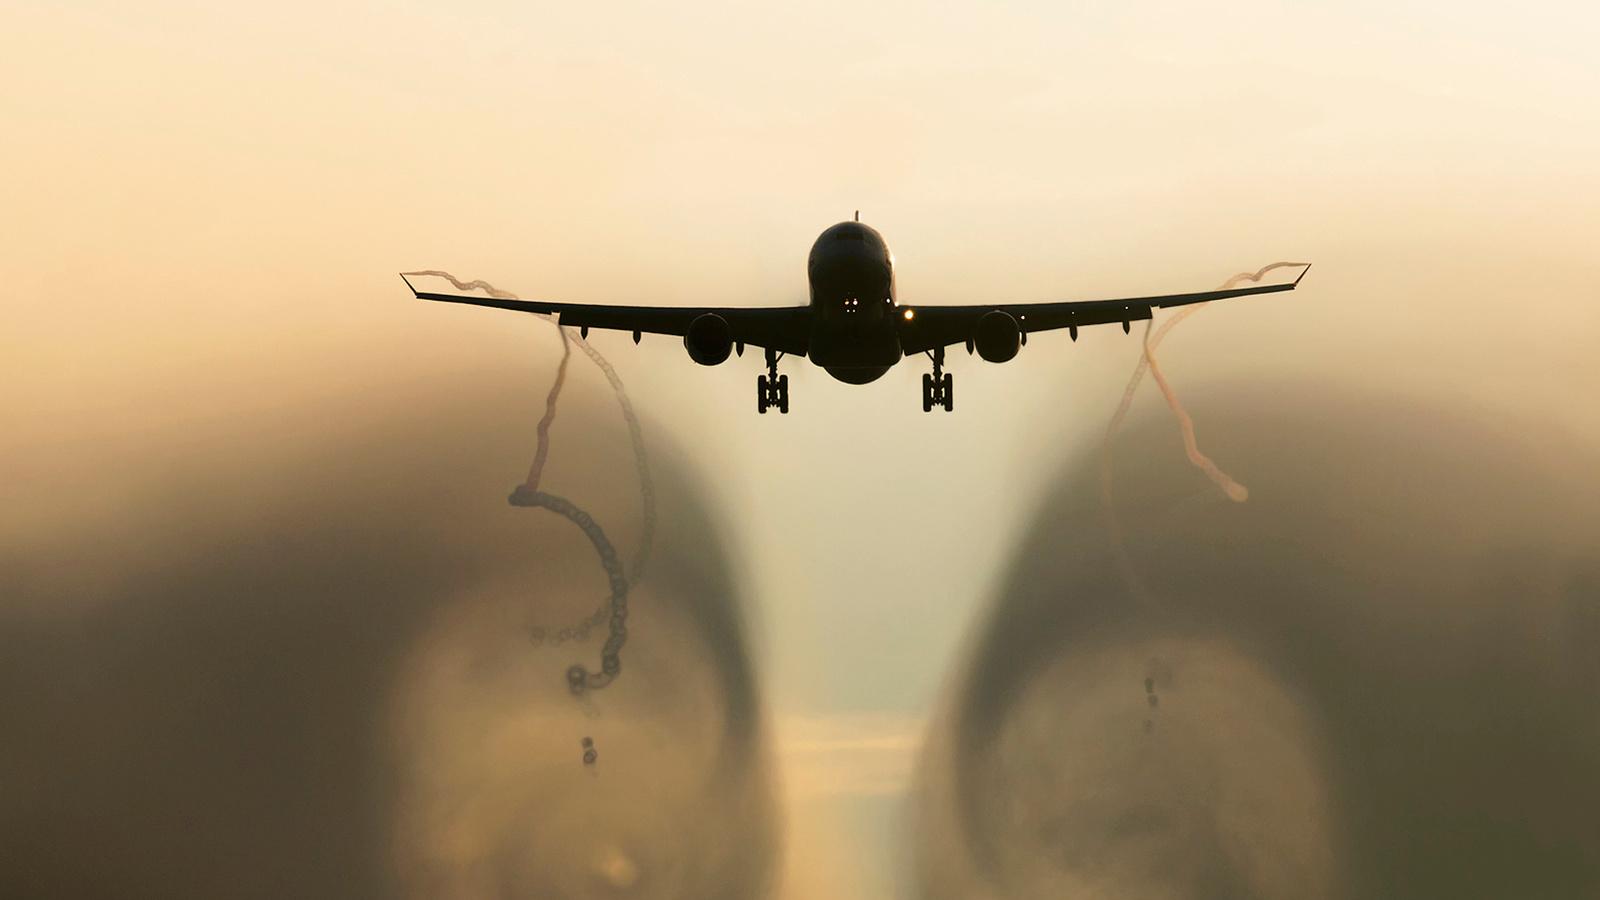 a330, airbus, airbus a330, airbus industries, aib, вечер, закат